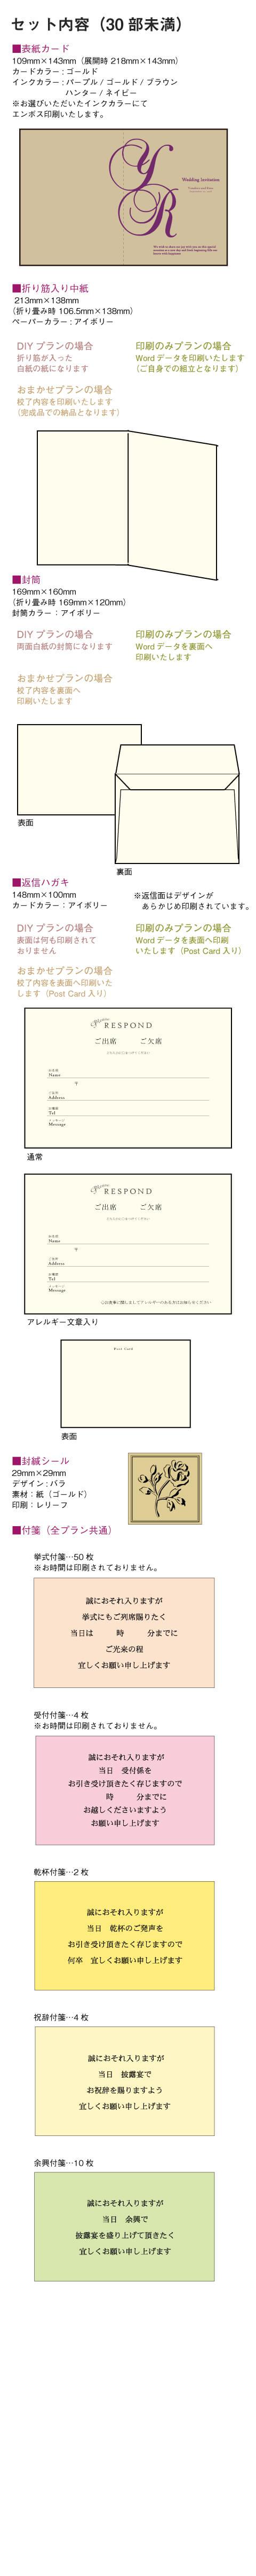 ロンドGD招待状セット内容